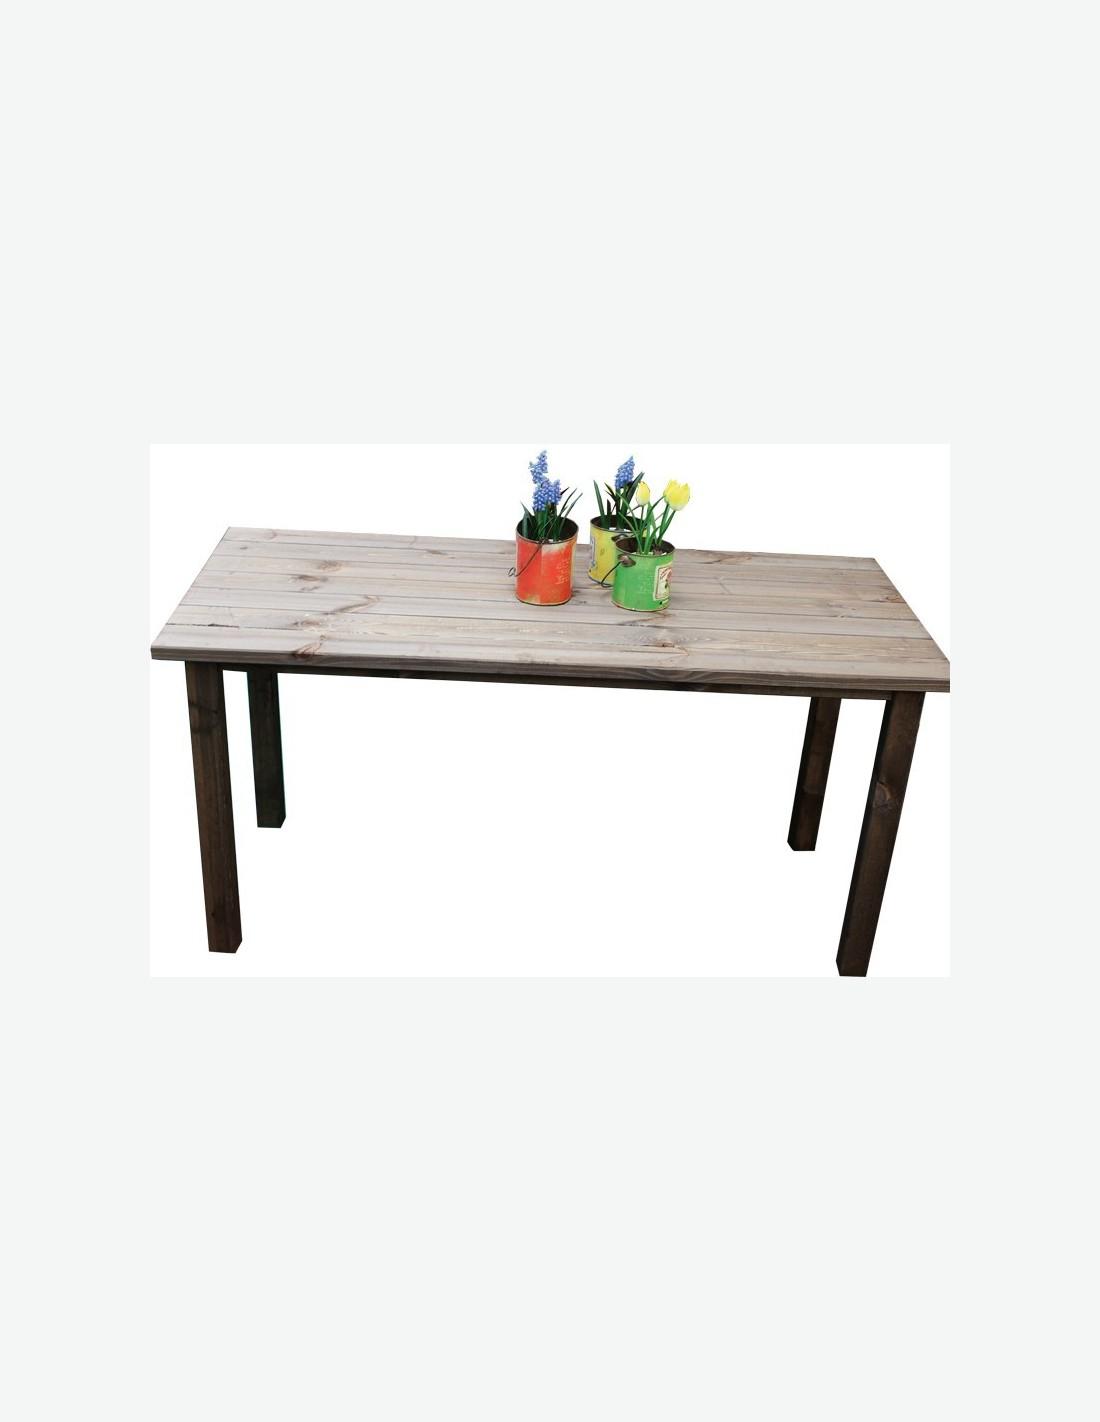 gartentisch rattan braun klapptisch gartentisch poly rattan braun mit klarglasplatte tisch. Black Bedroom Furniture Sets. Home Design Ideas